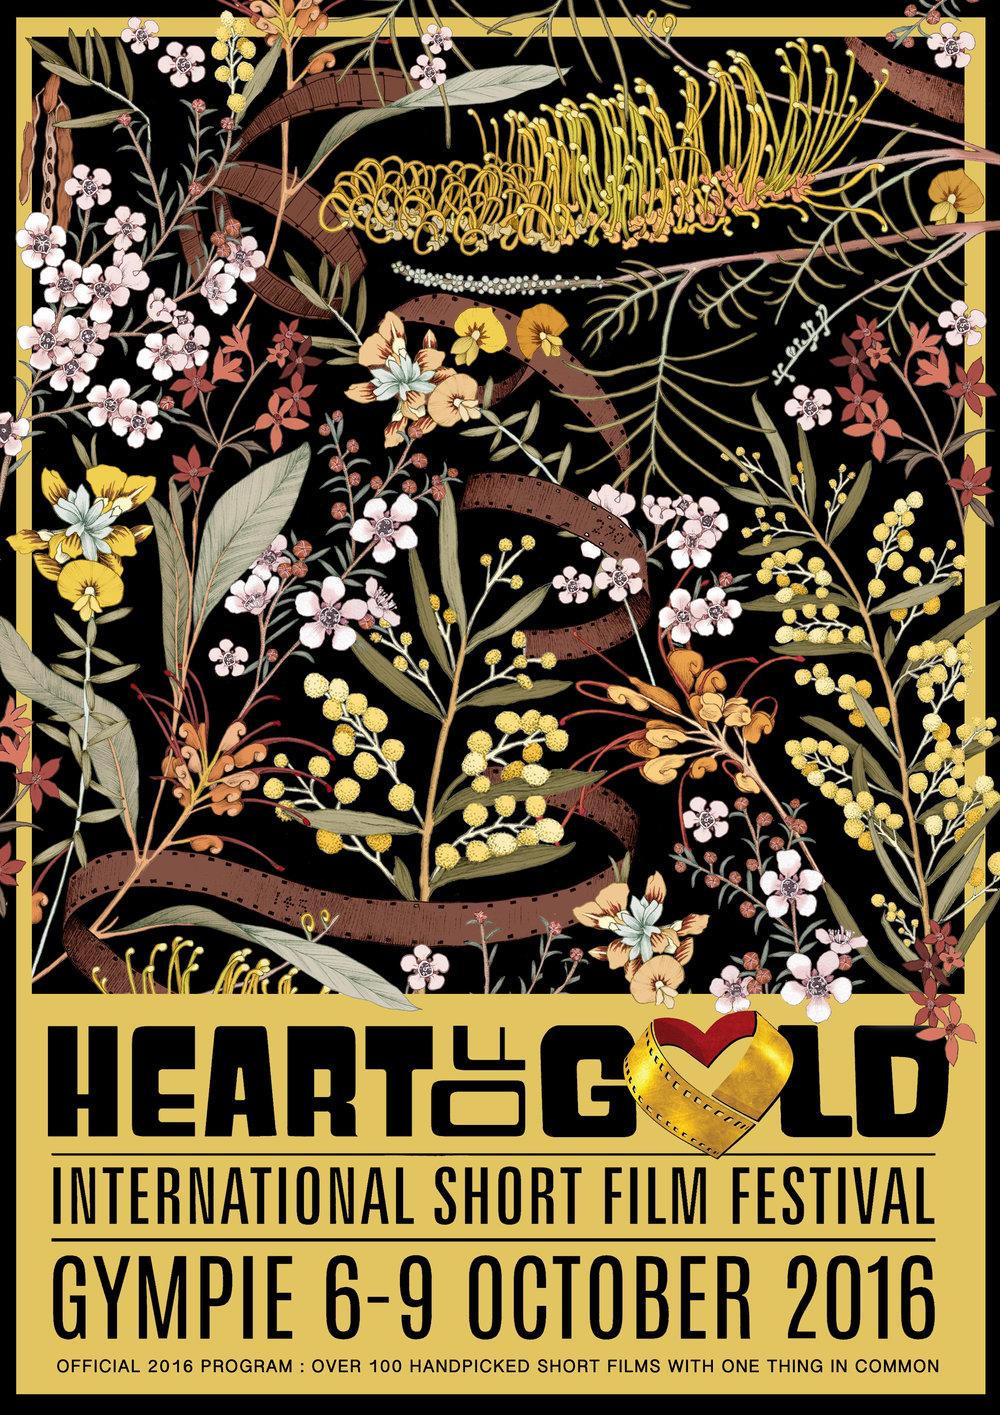 Heart of Gold International Short Film Festival : Poster/Artwork Design